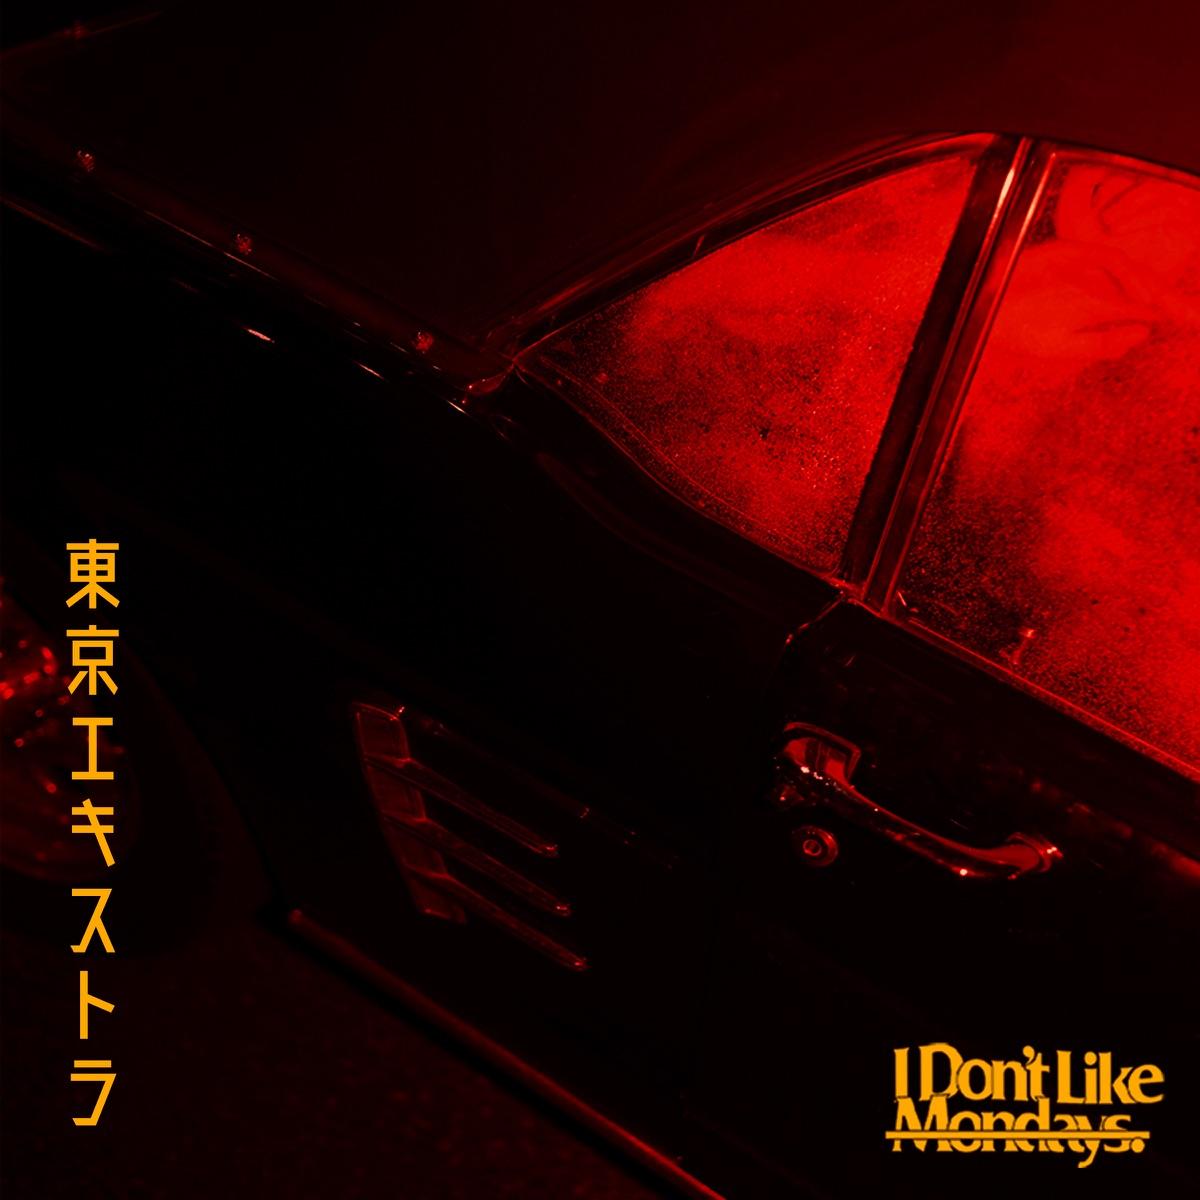 『I Don't Like Mondays. - 東京エキストラ』収録の『東京エキストラ』ジャケット